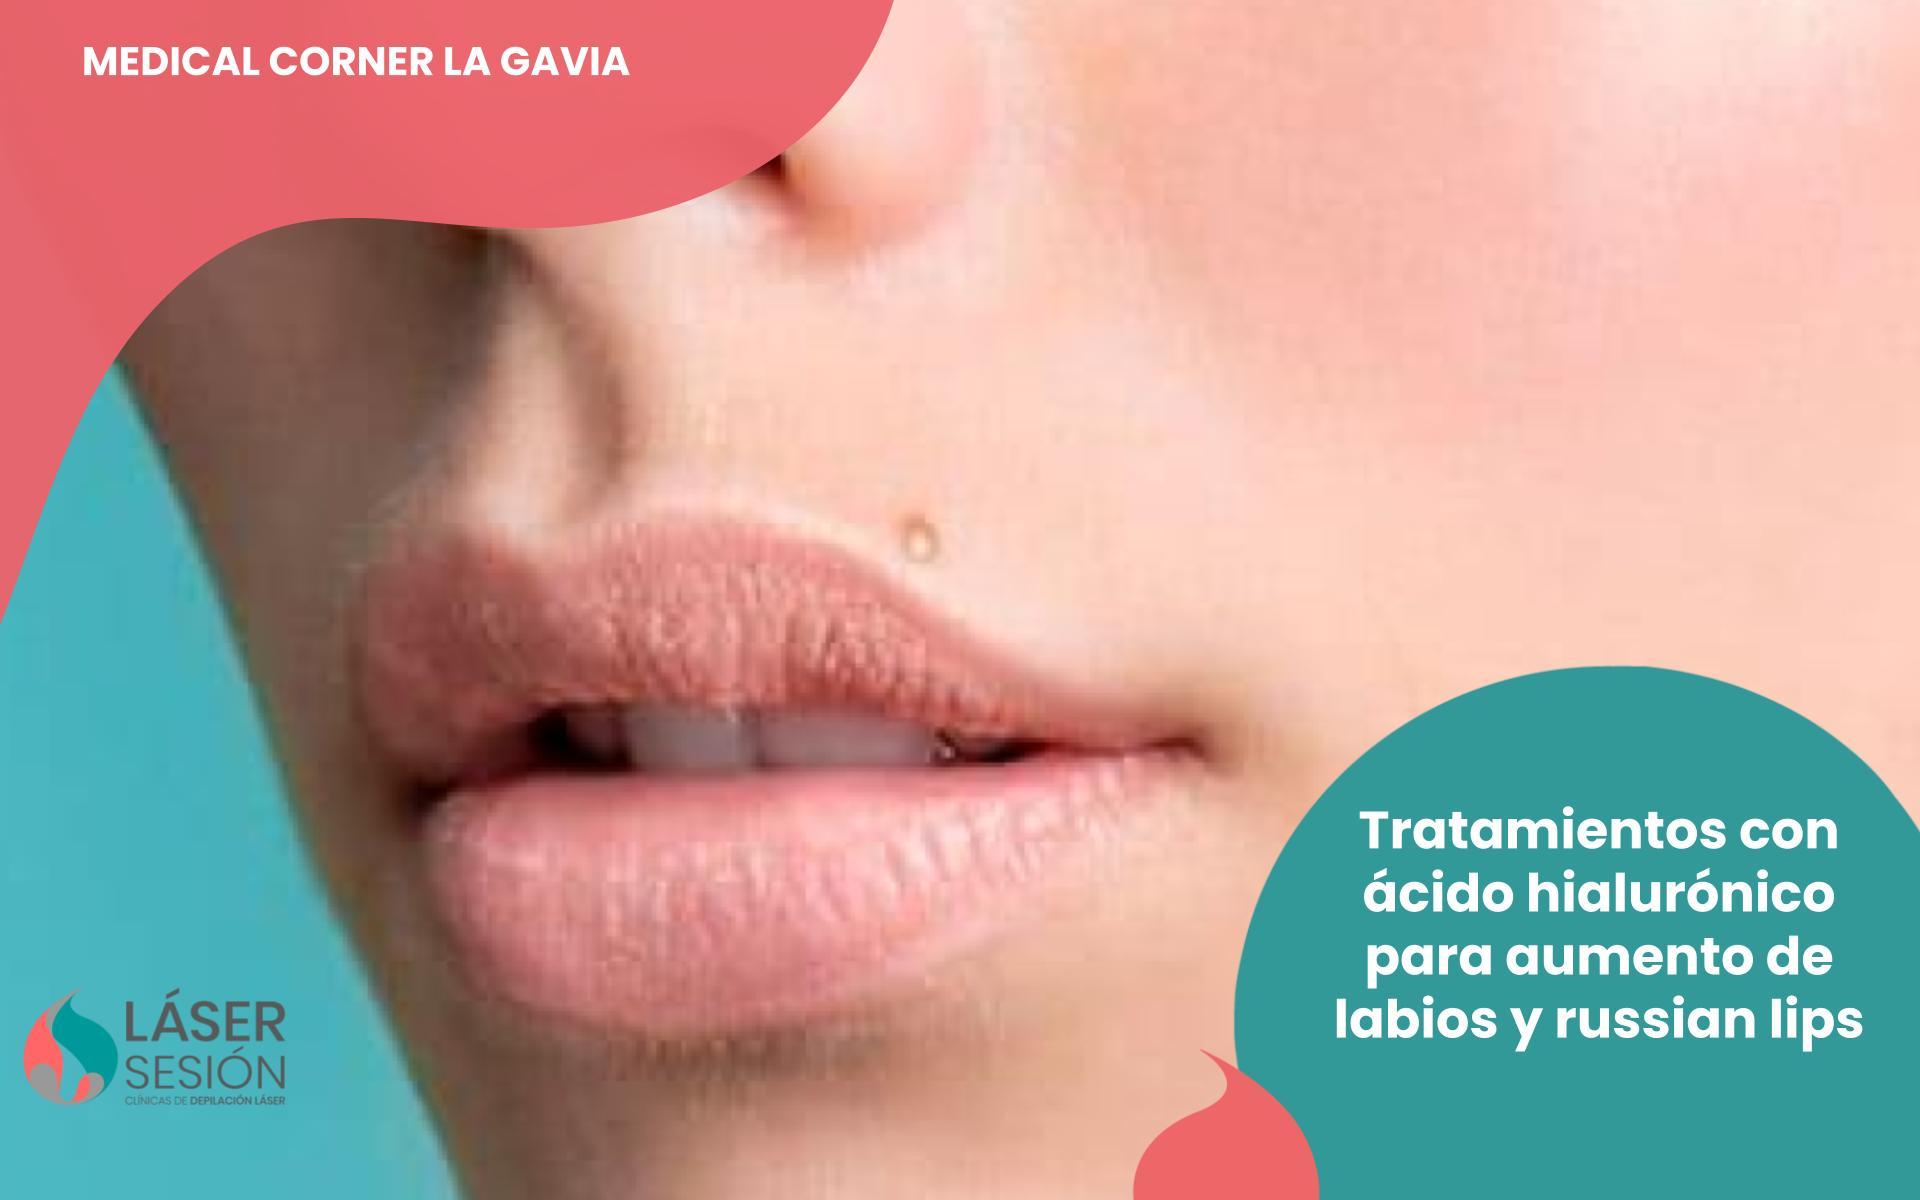 Aumentos de labios con ácido hialurónico y russian lips